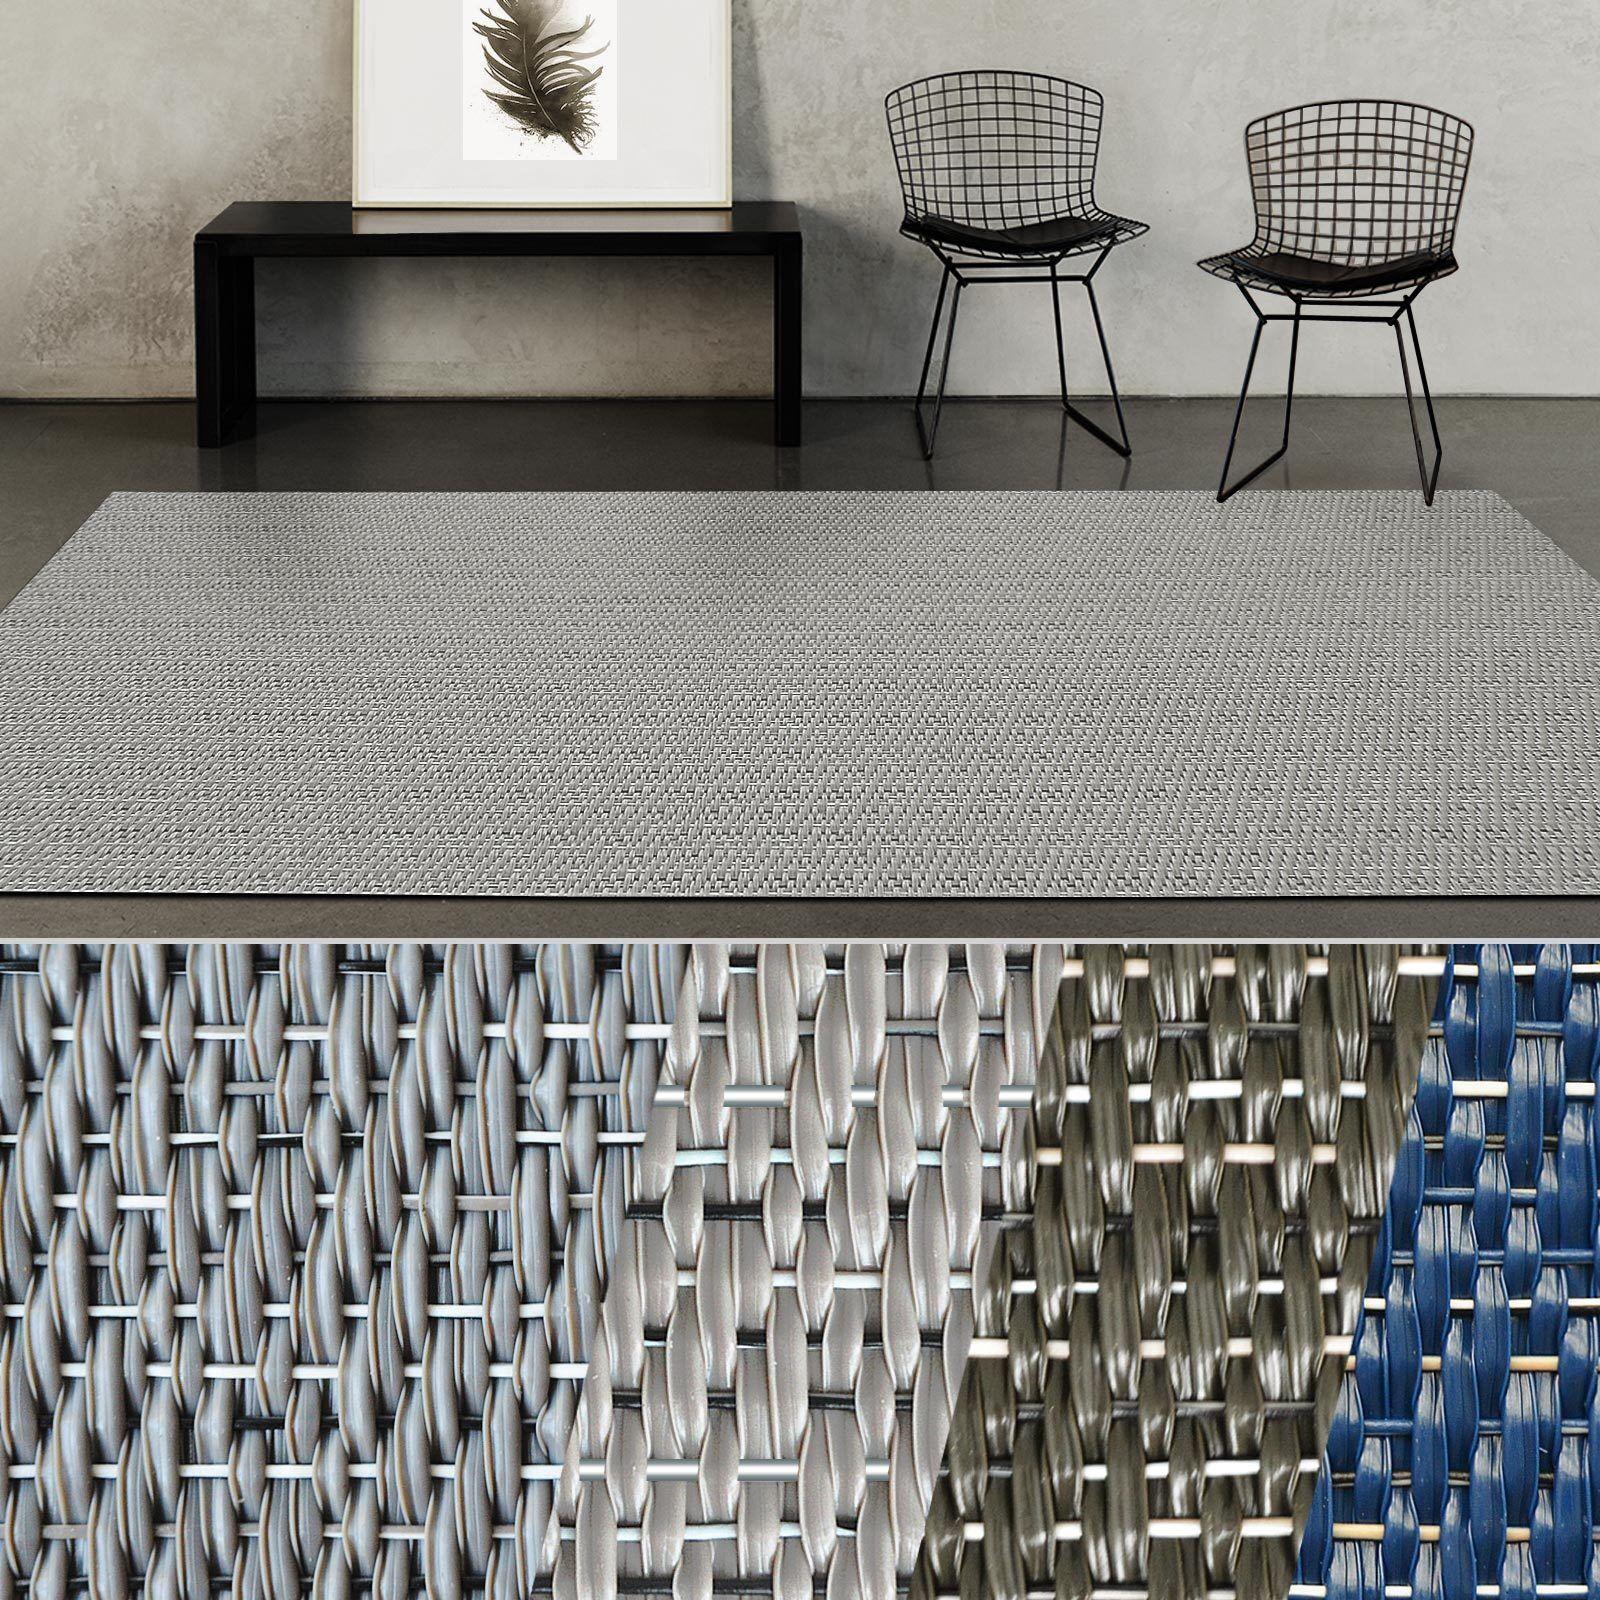 Outdoor- & Indoor-Teppich | Bodenbeläge für Flur, Küche, Bad, Terrasse, Balkon